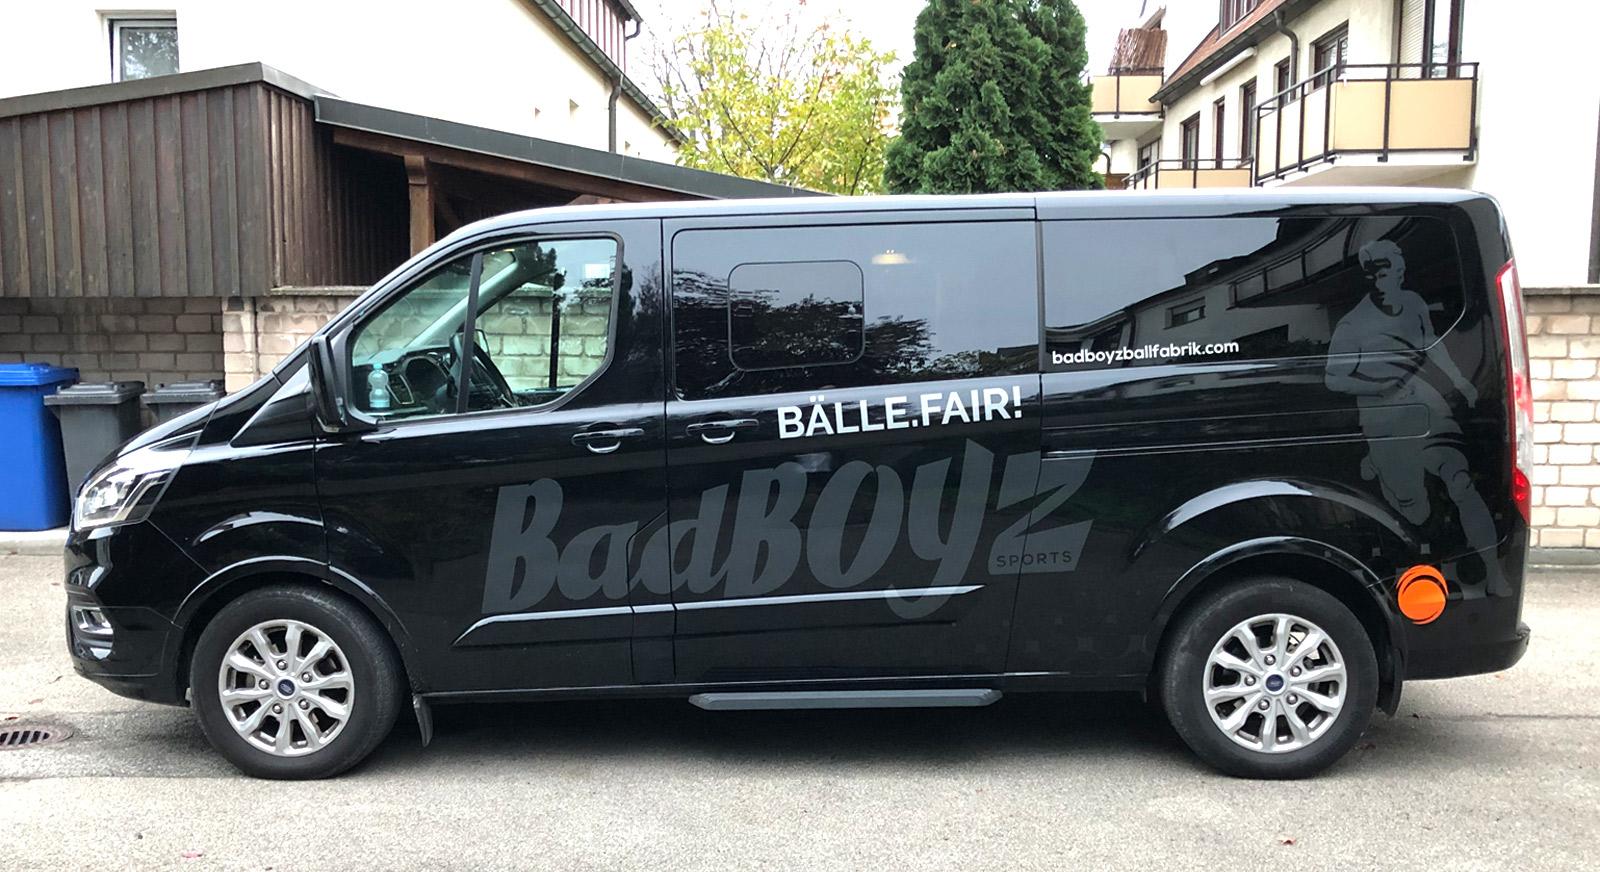 Seitenansicht eines schwarzen Transporters mit einer neuen großflächigen Fahrzeugbeklebung für BadBoyz Ballfabrik